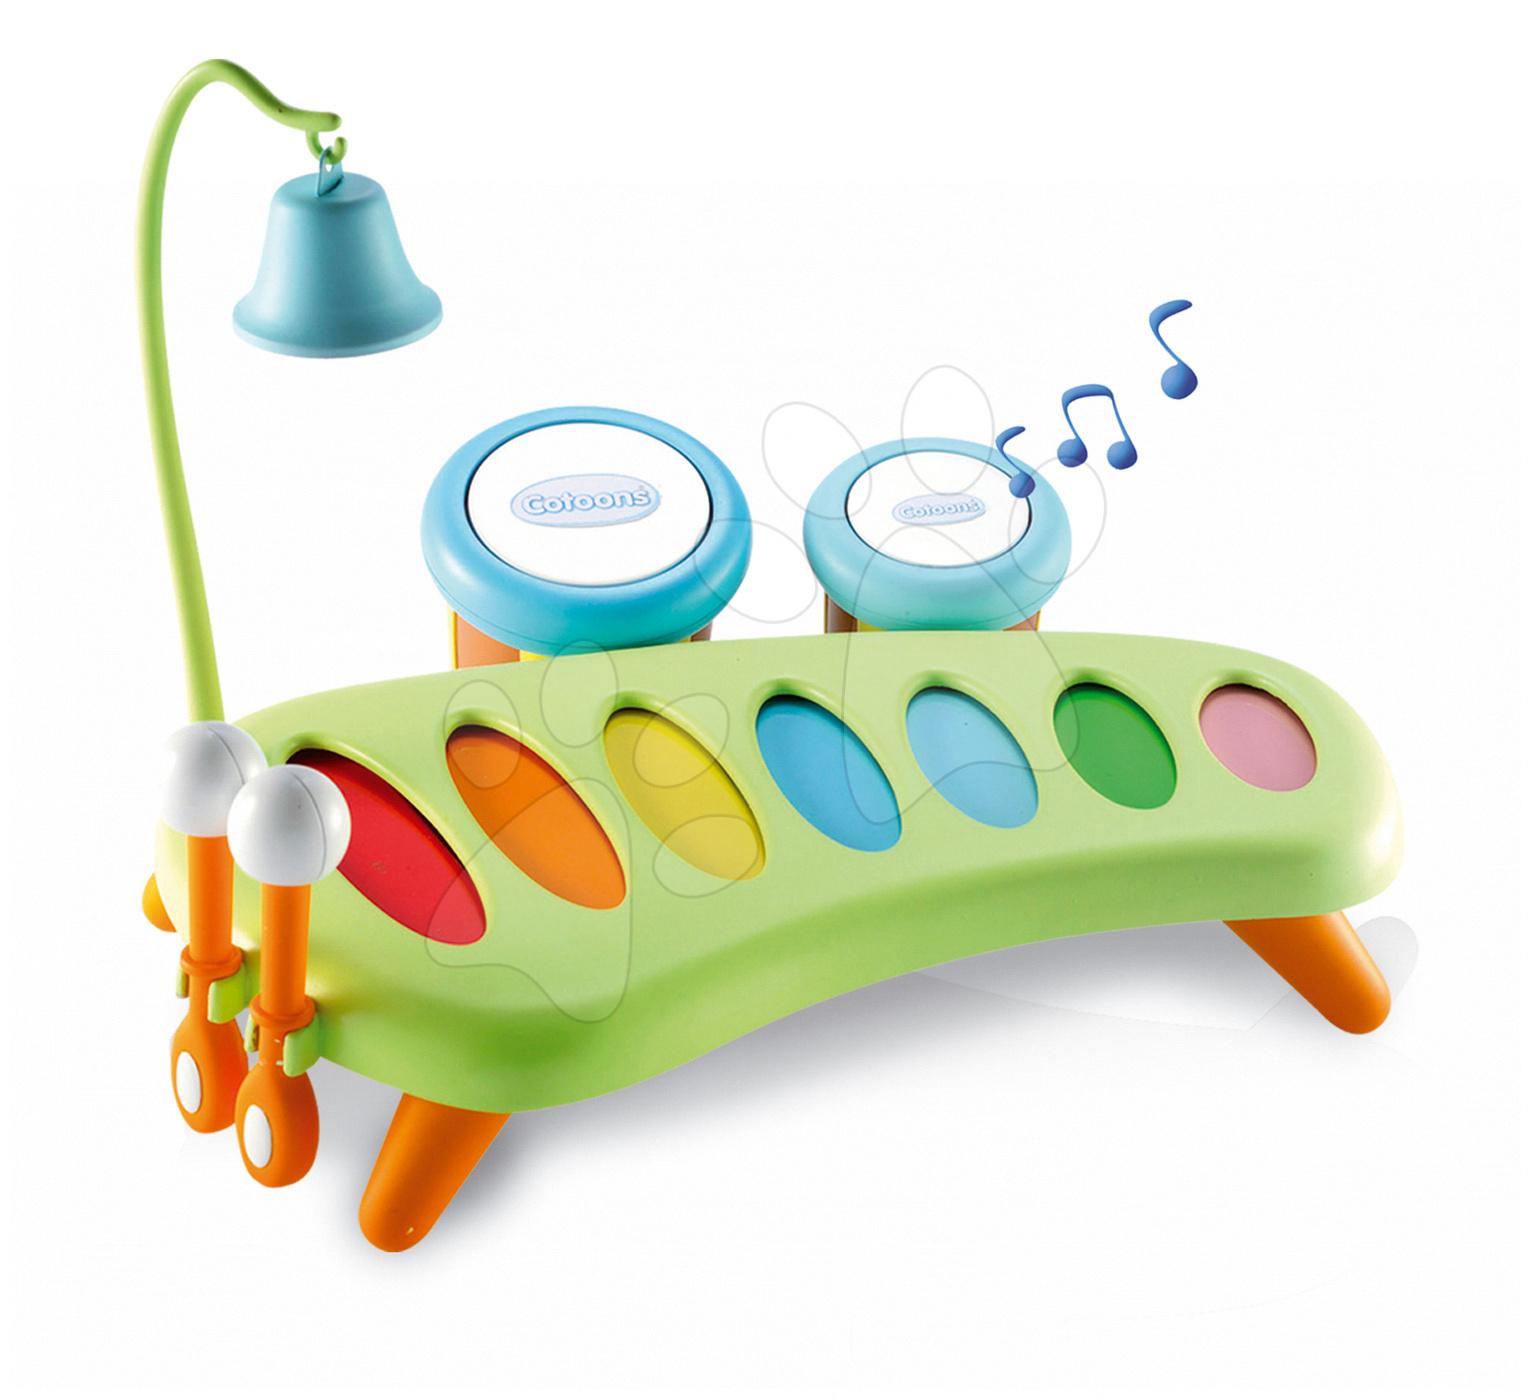 Smoby dětský hudební xylofon Cotoons s bubny a zvonkem 211013 zelený